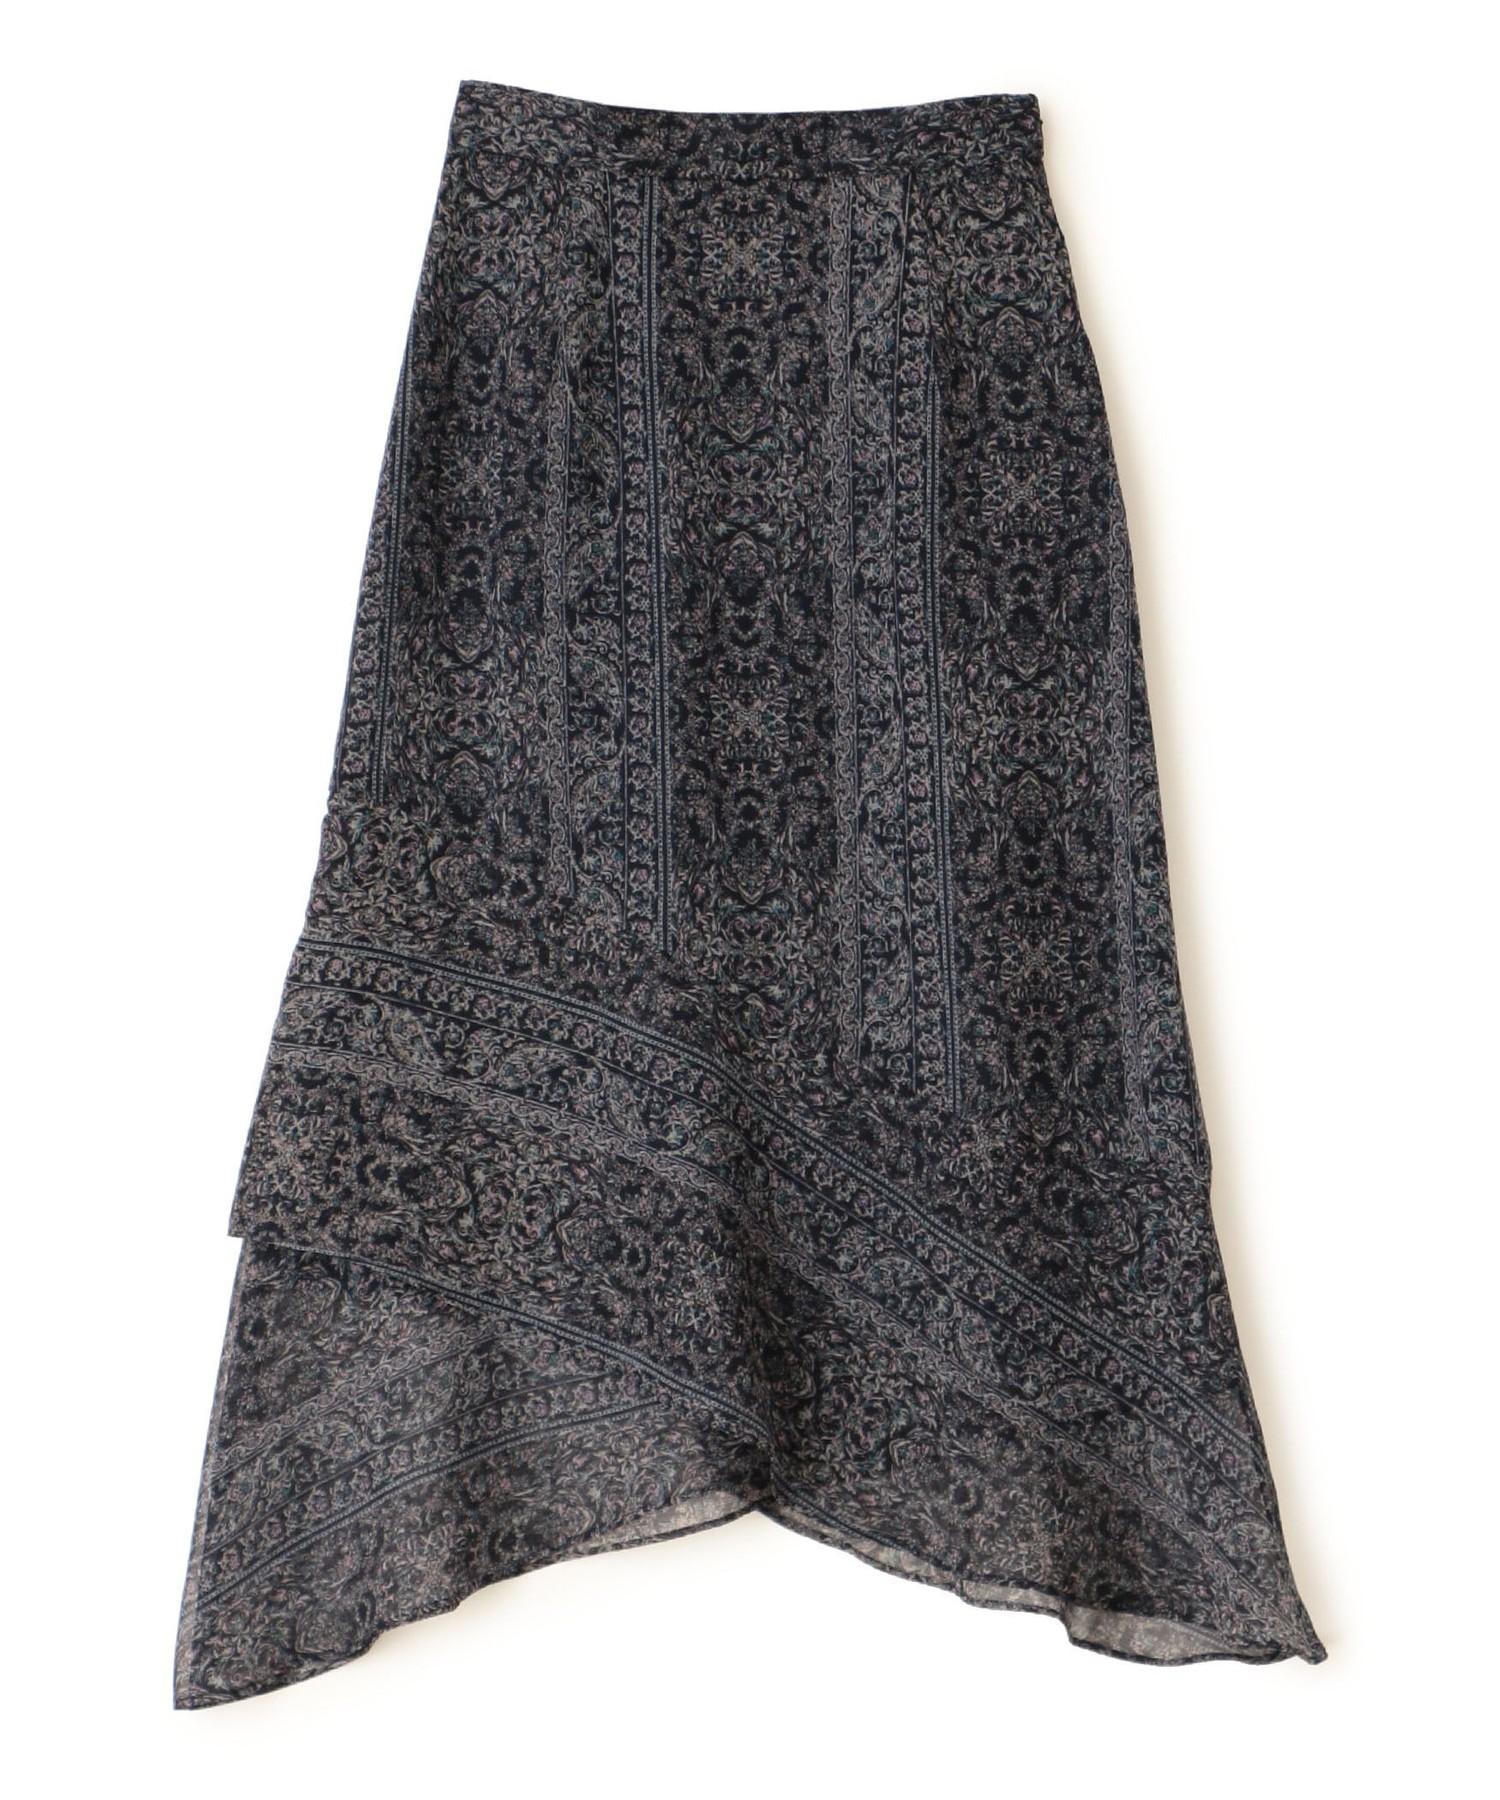 ペイズリーストライププリントスカート